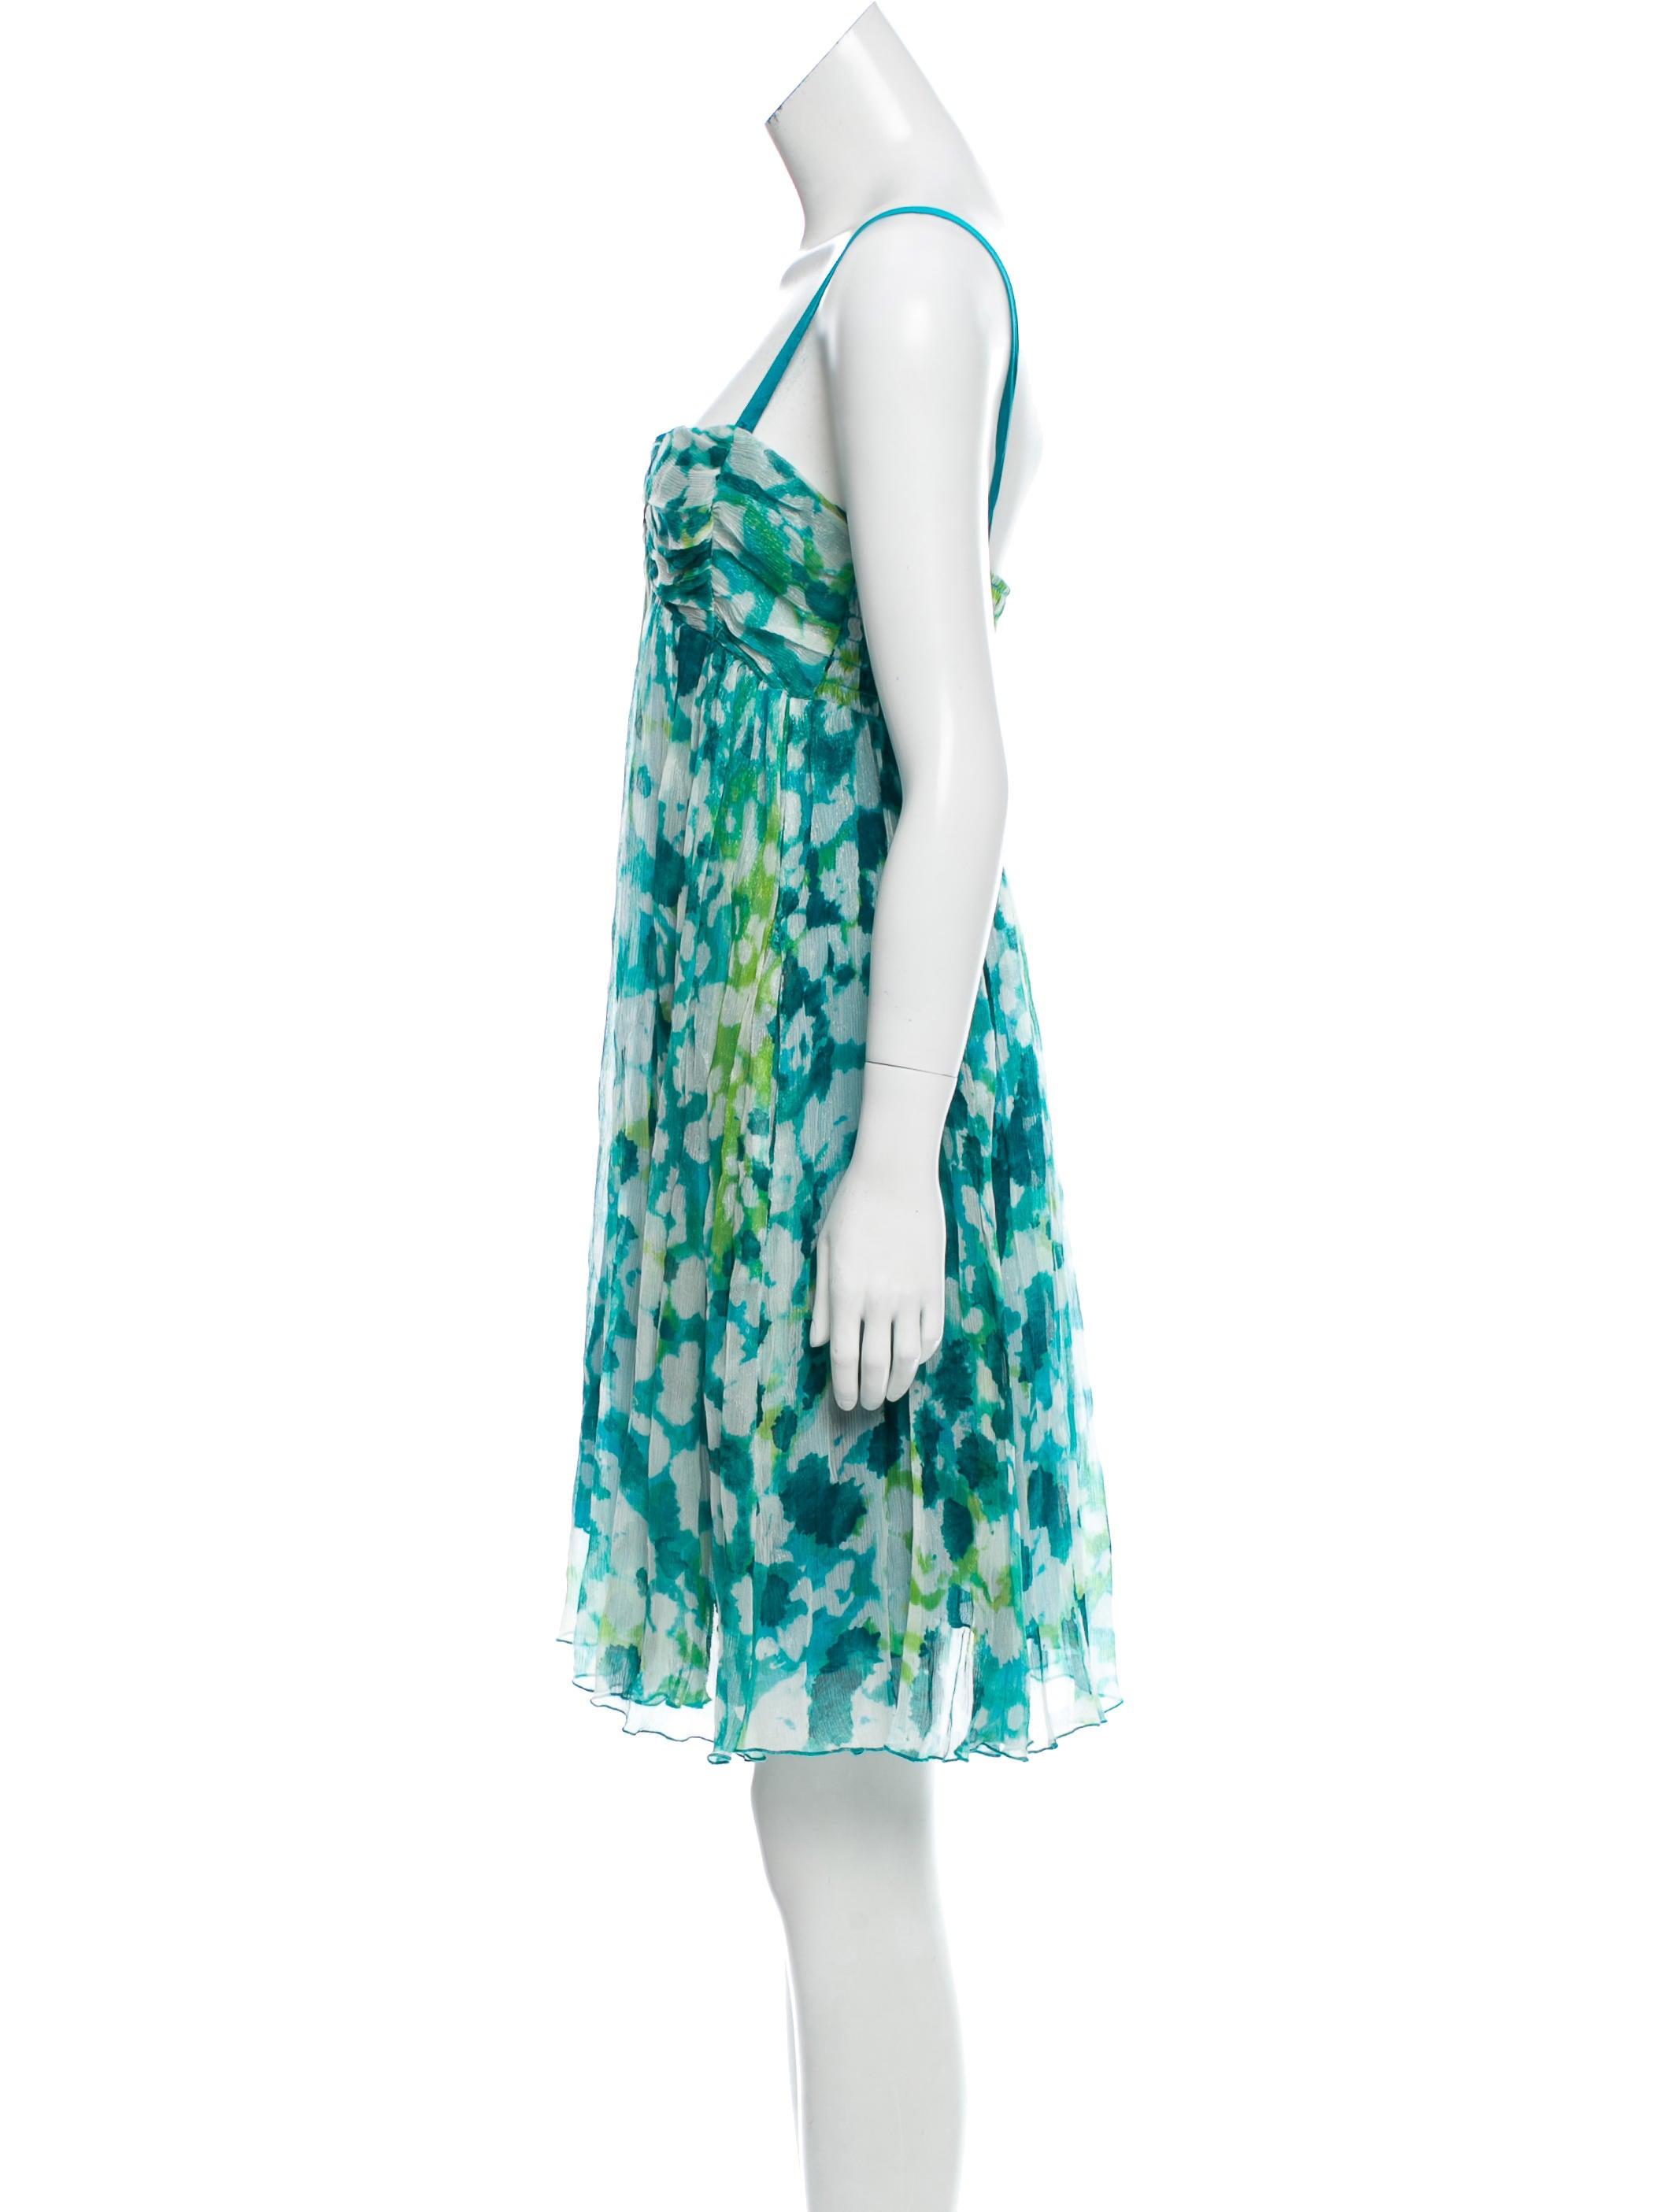 Diane von furstenberg pomdor silk dress clothing for Diane von furstenberg clothing